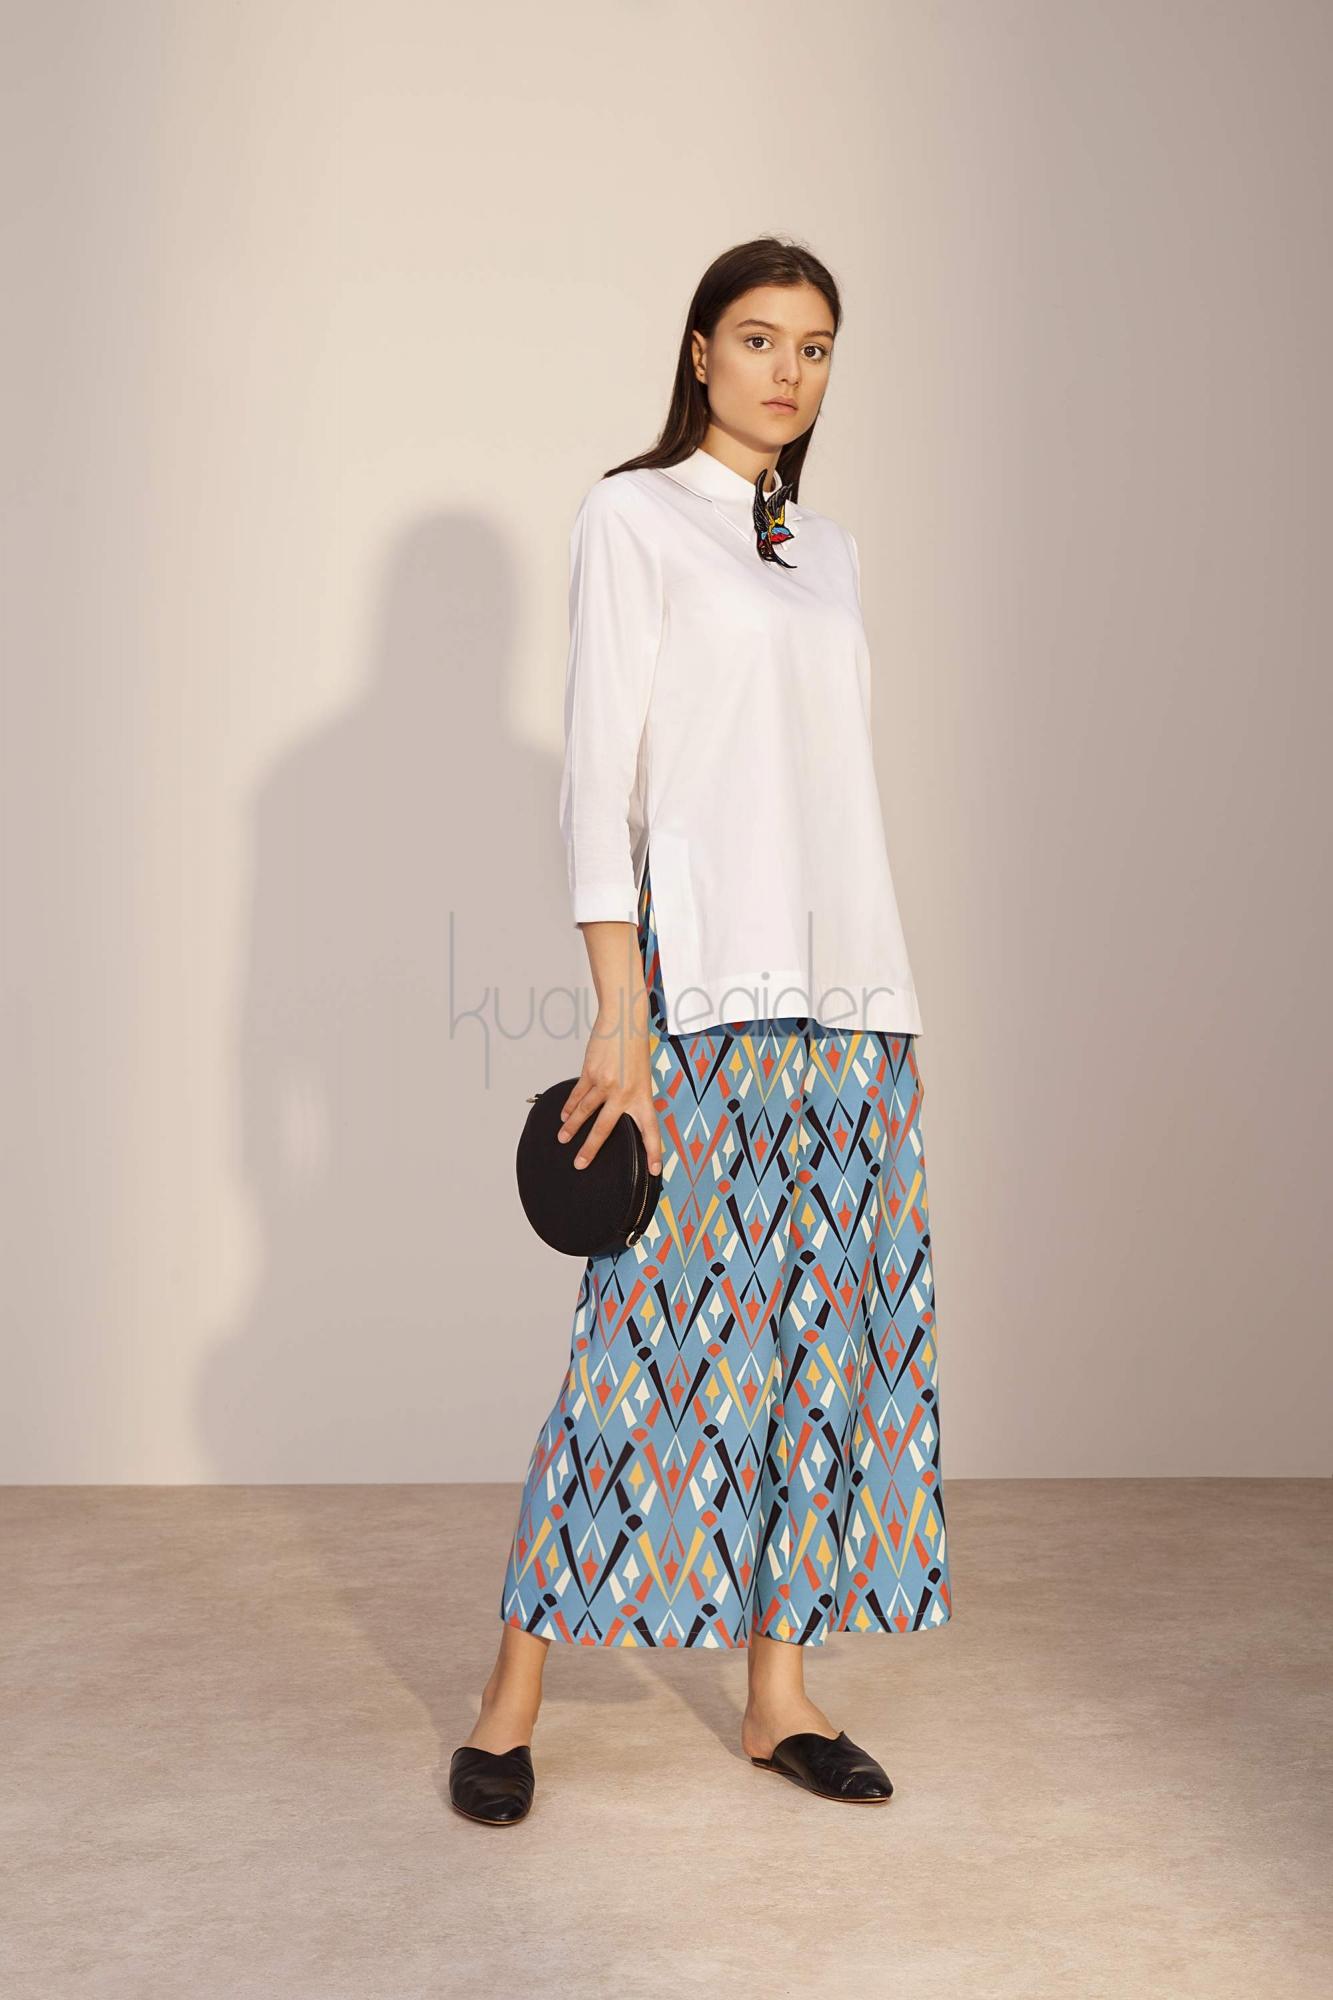 Kuaybe Gider - Coton Beyaz Luce Tunik